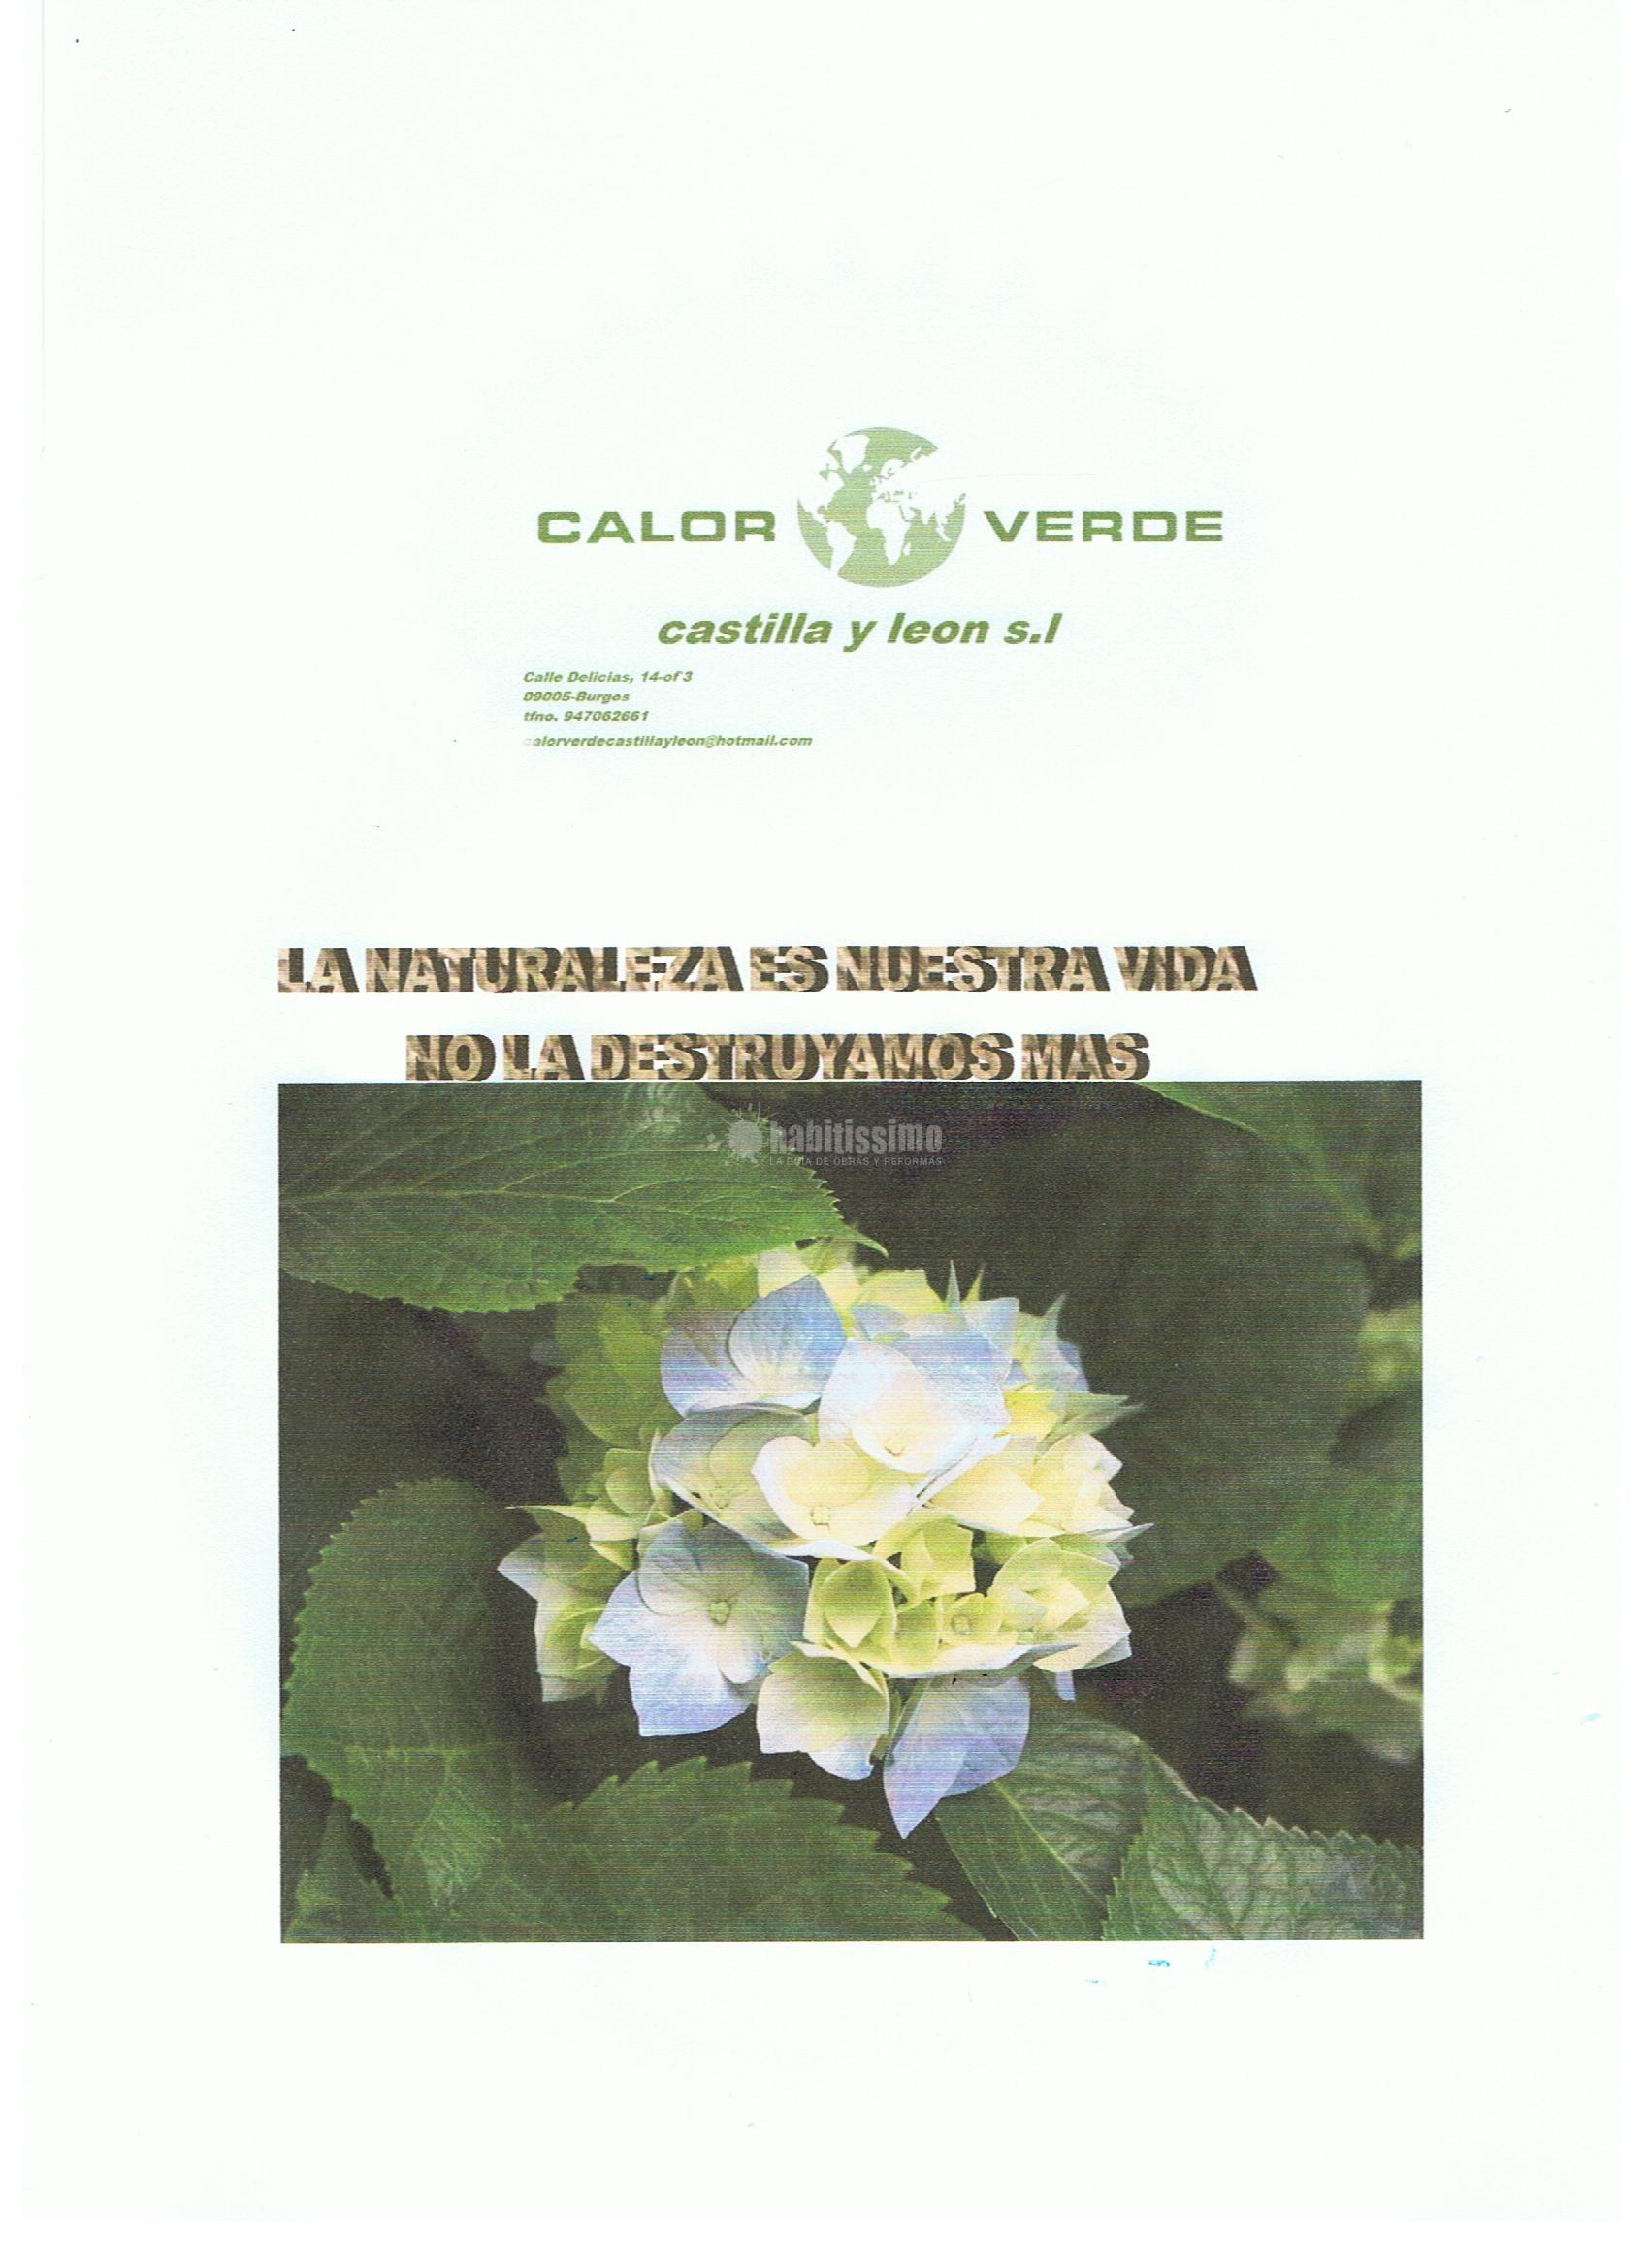 Calor Verde Castilla y León S.L.